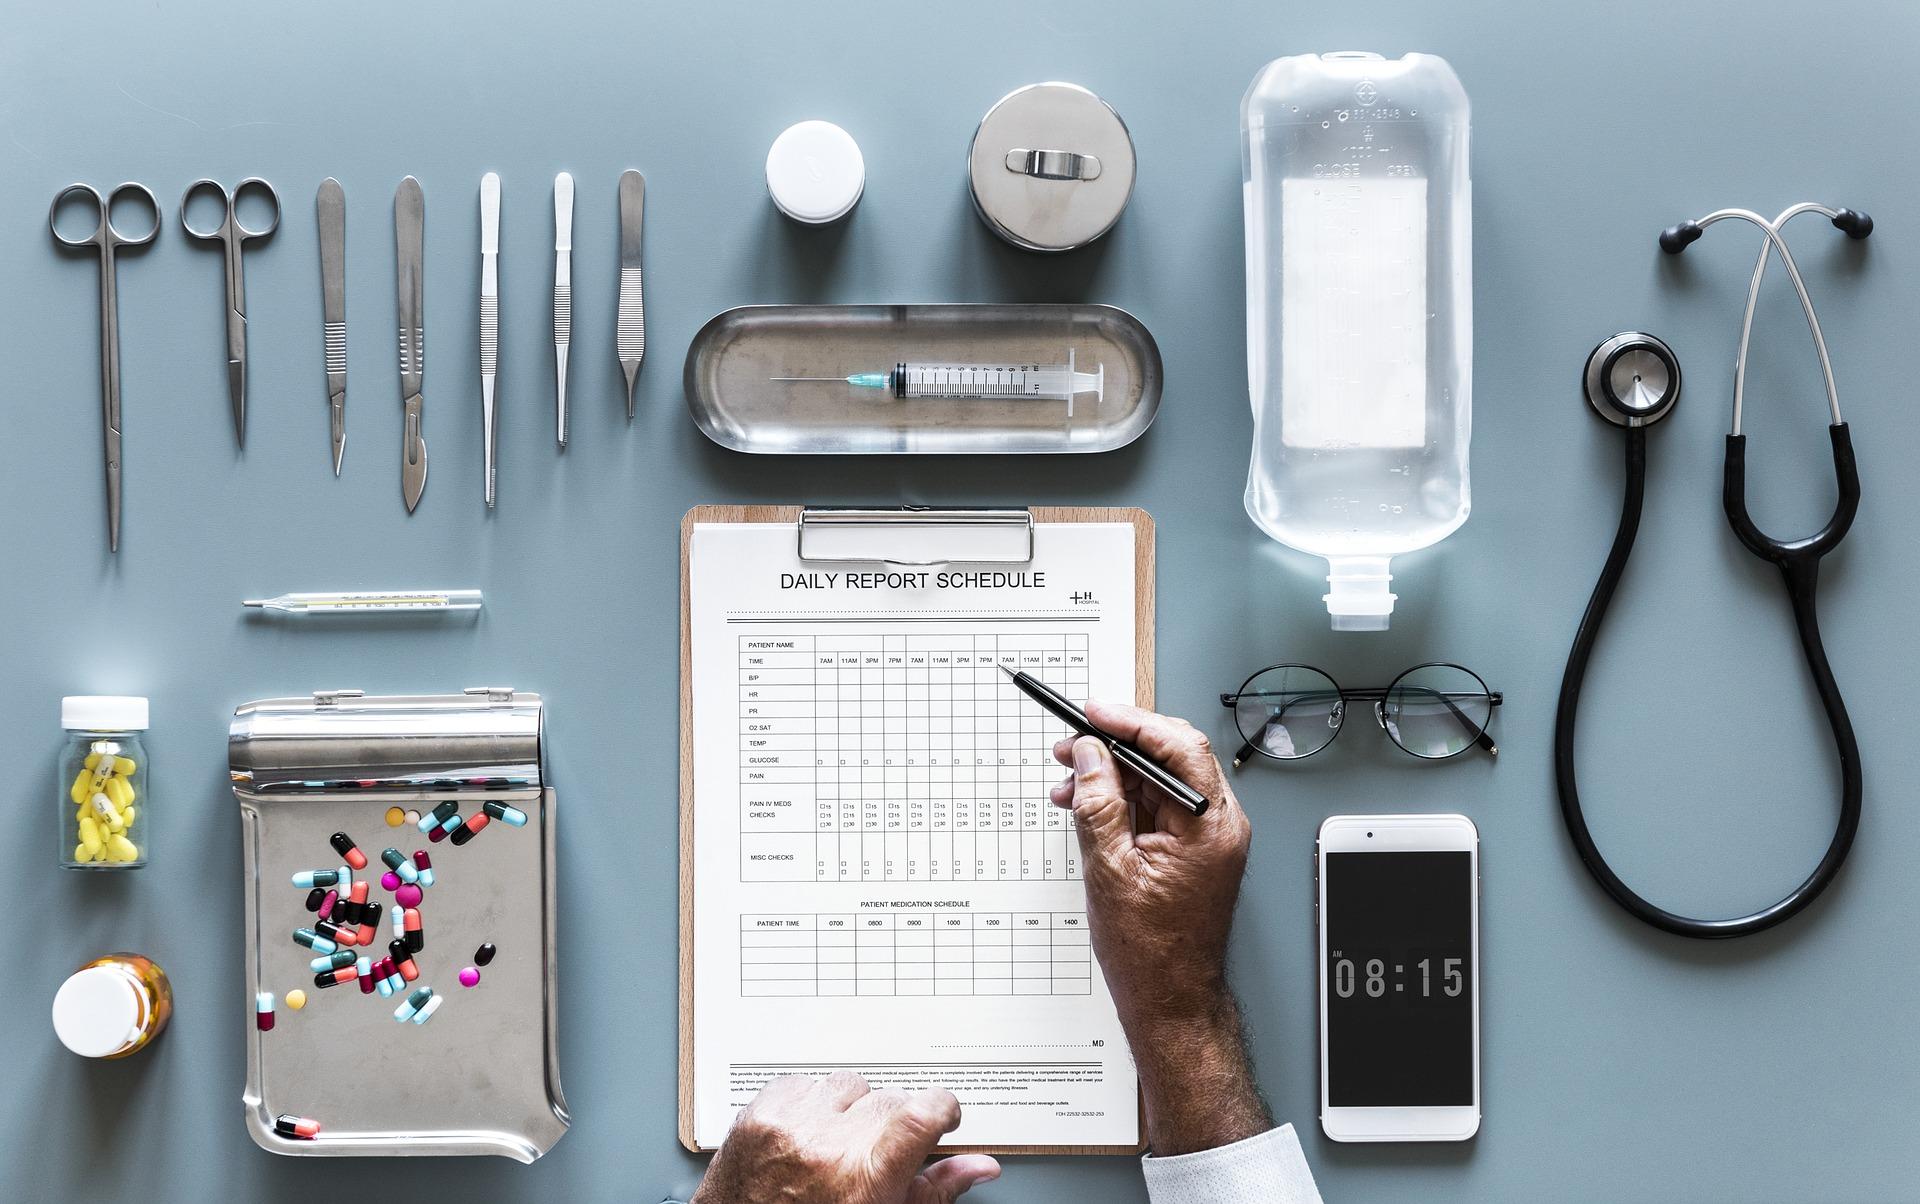 איך תממשו את הזכויות הרפואיות שלכם?